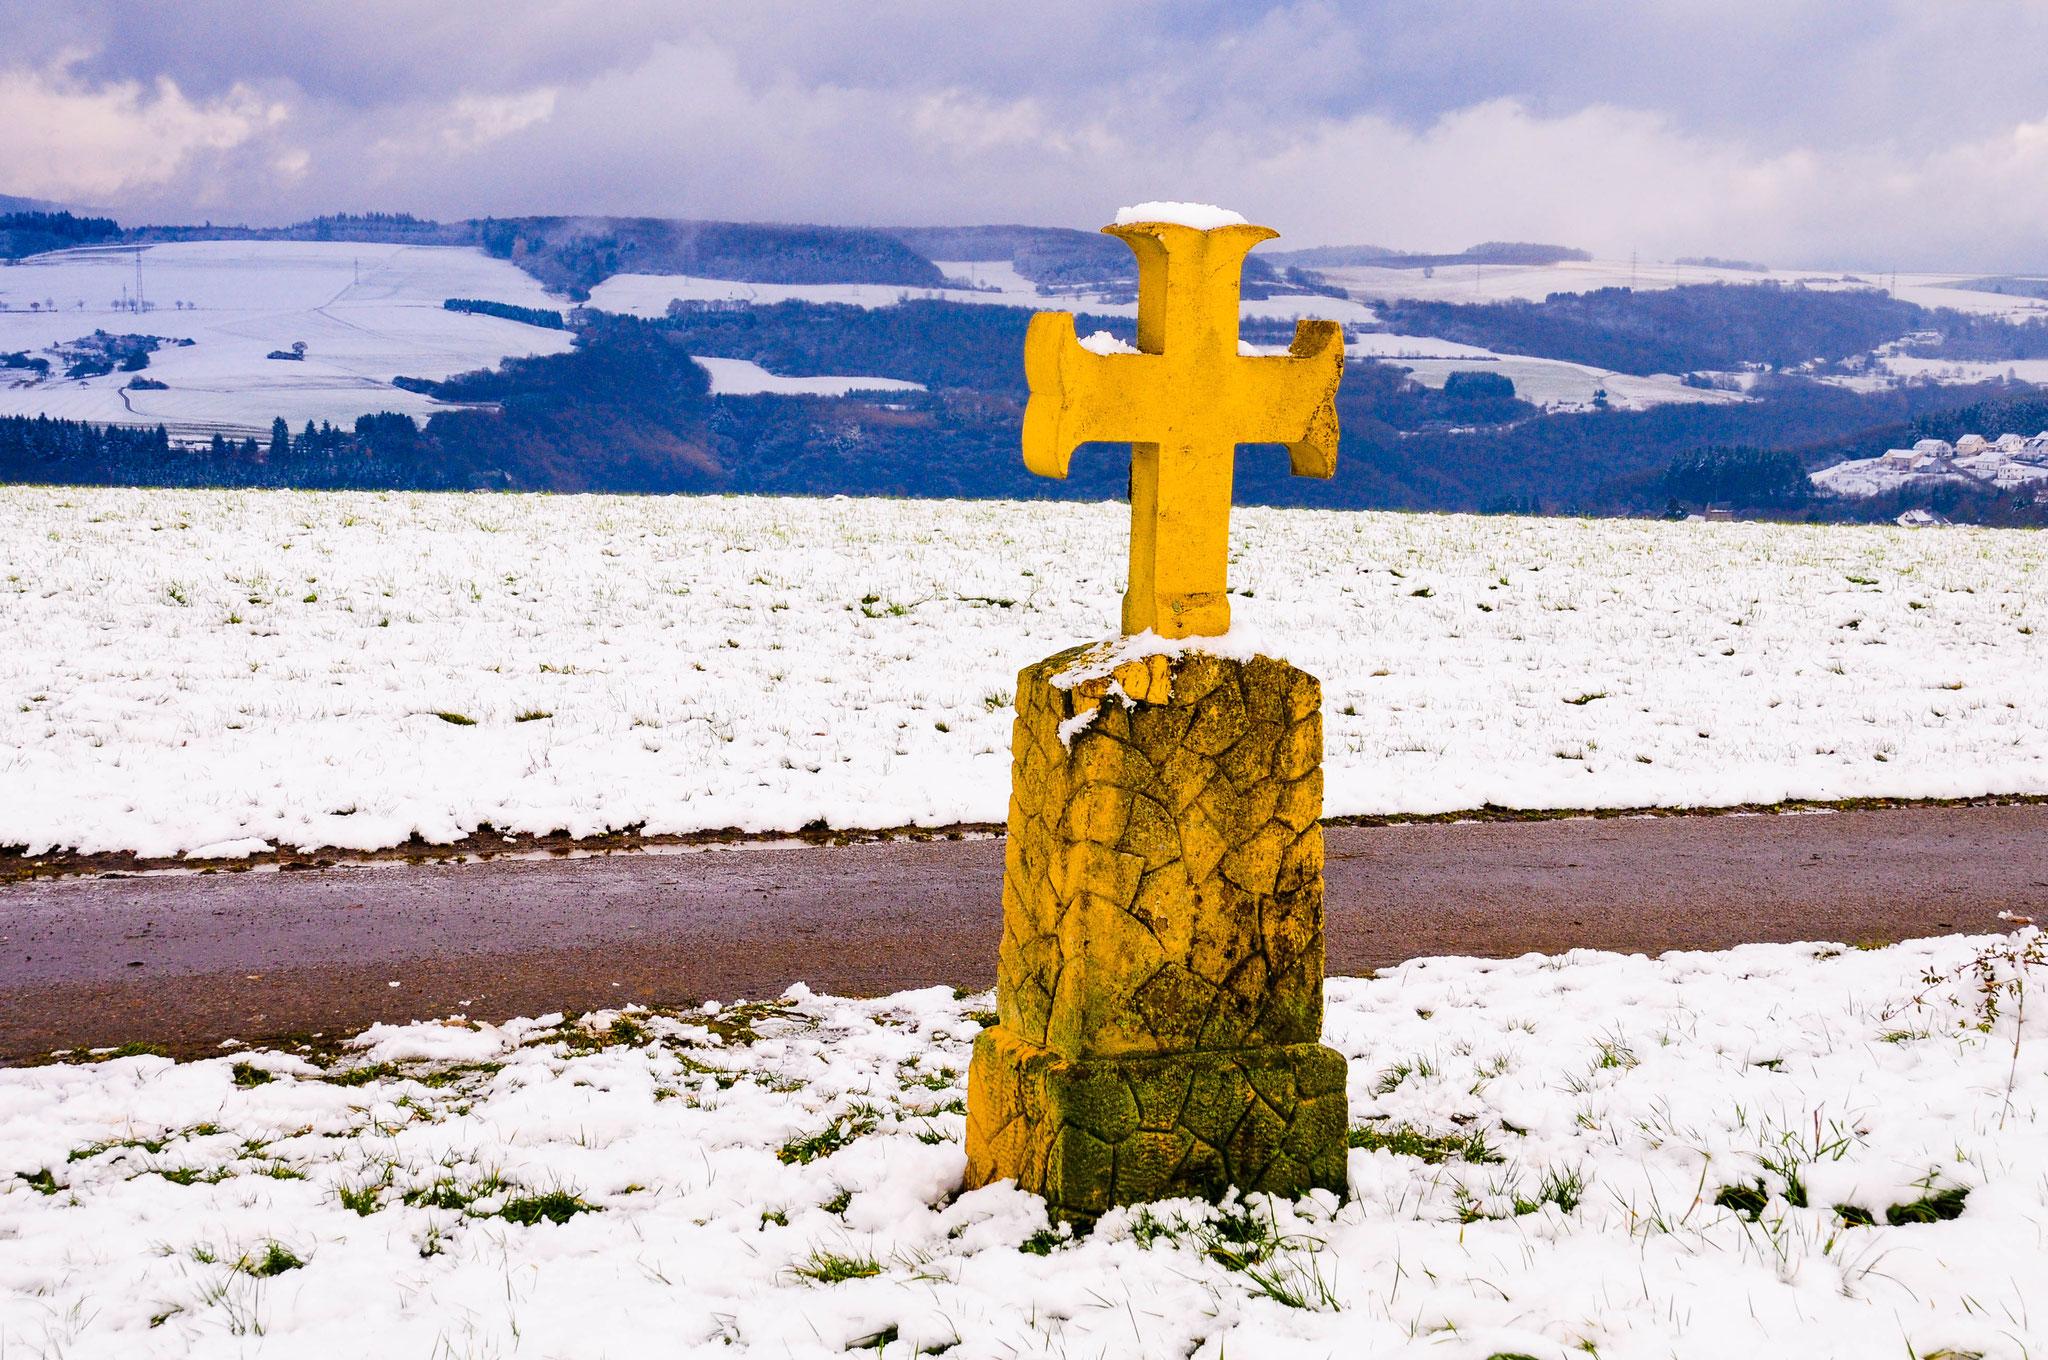 Pestkreuz der Gemeinde Filsch im Dezember 2017 auf der Korlinger Höhe